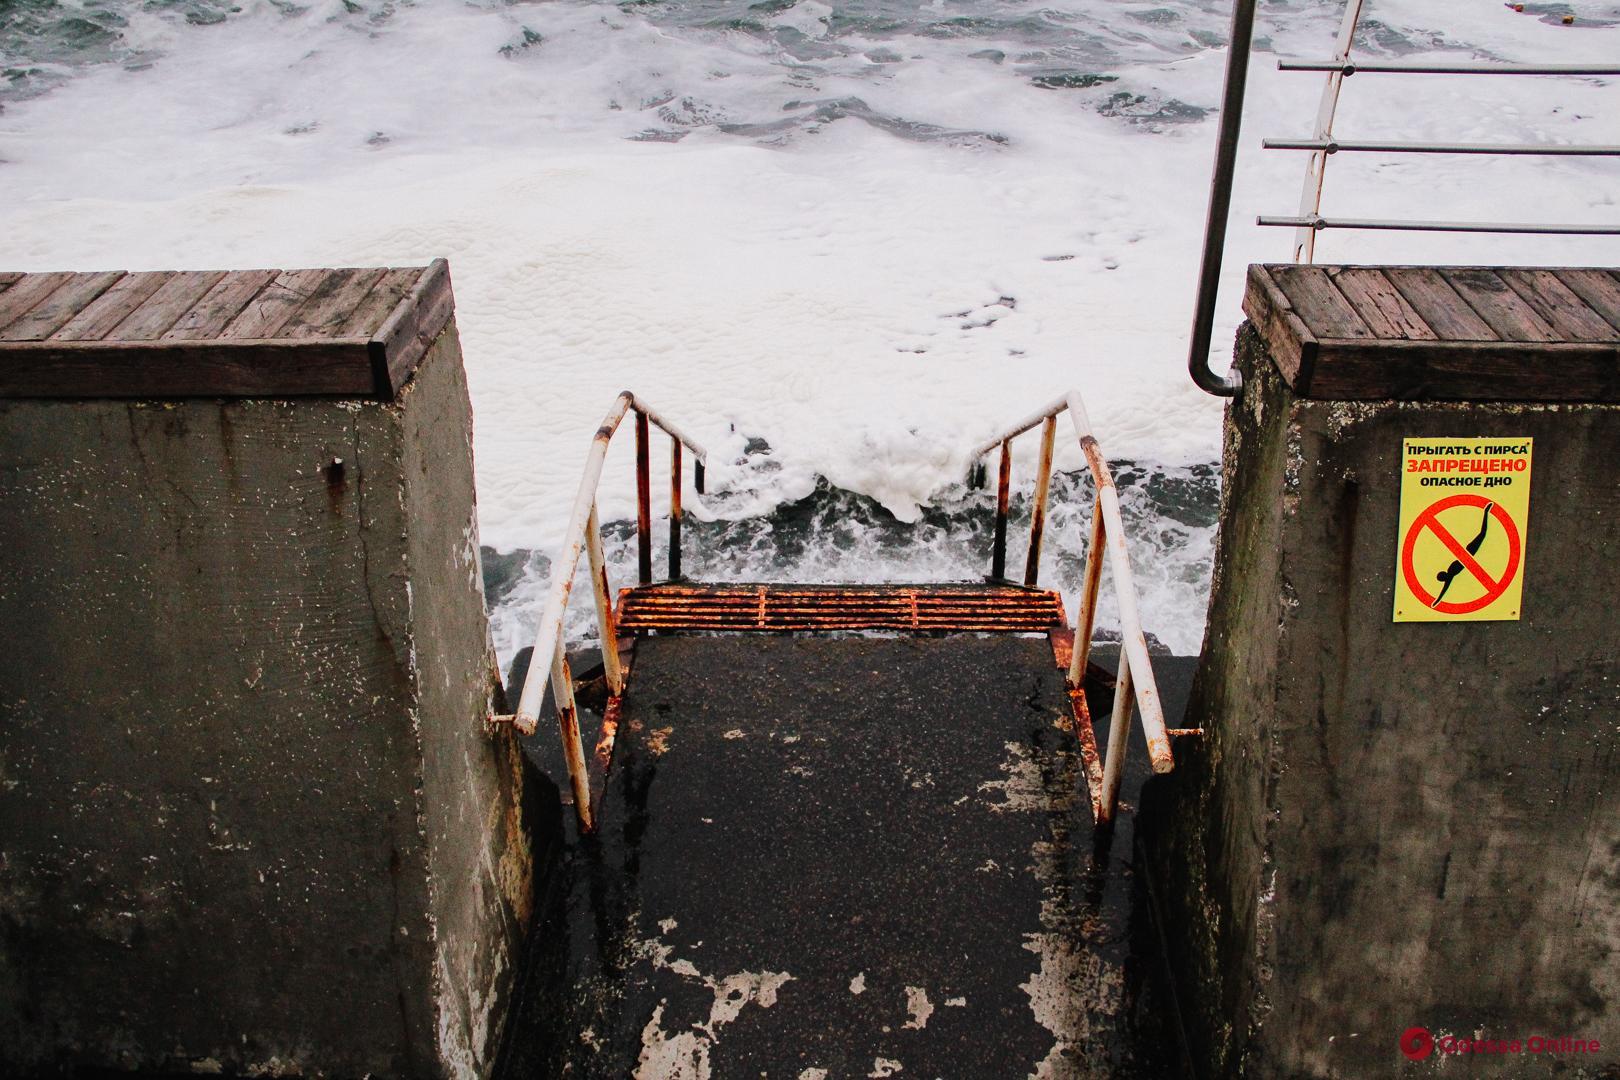 Прогулка по «Ланжерону»: голодные чайки и серое море (фоторепортаж)